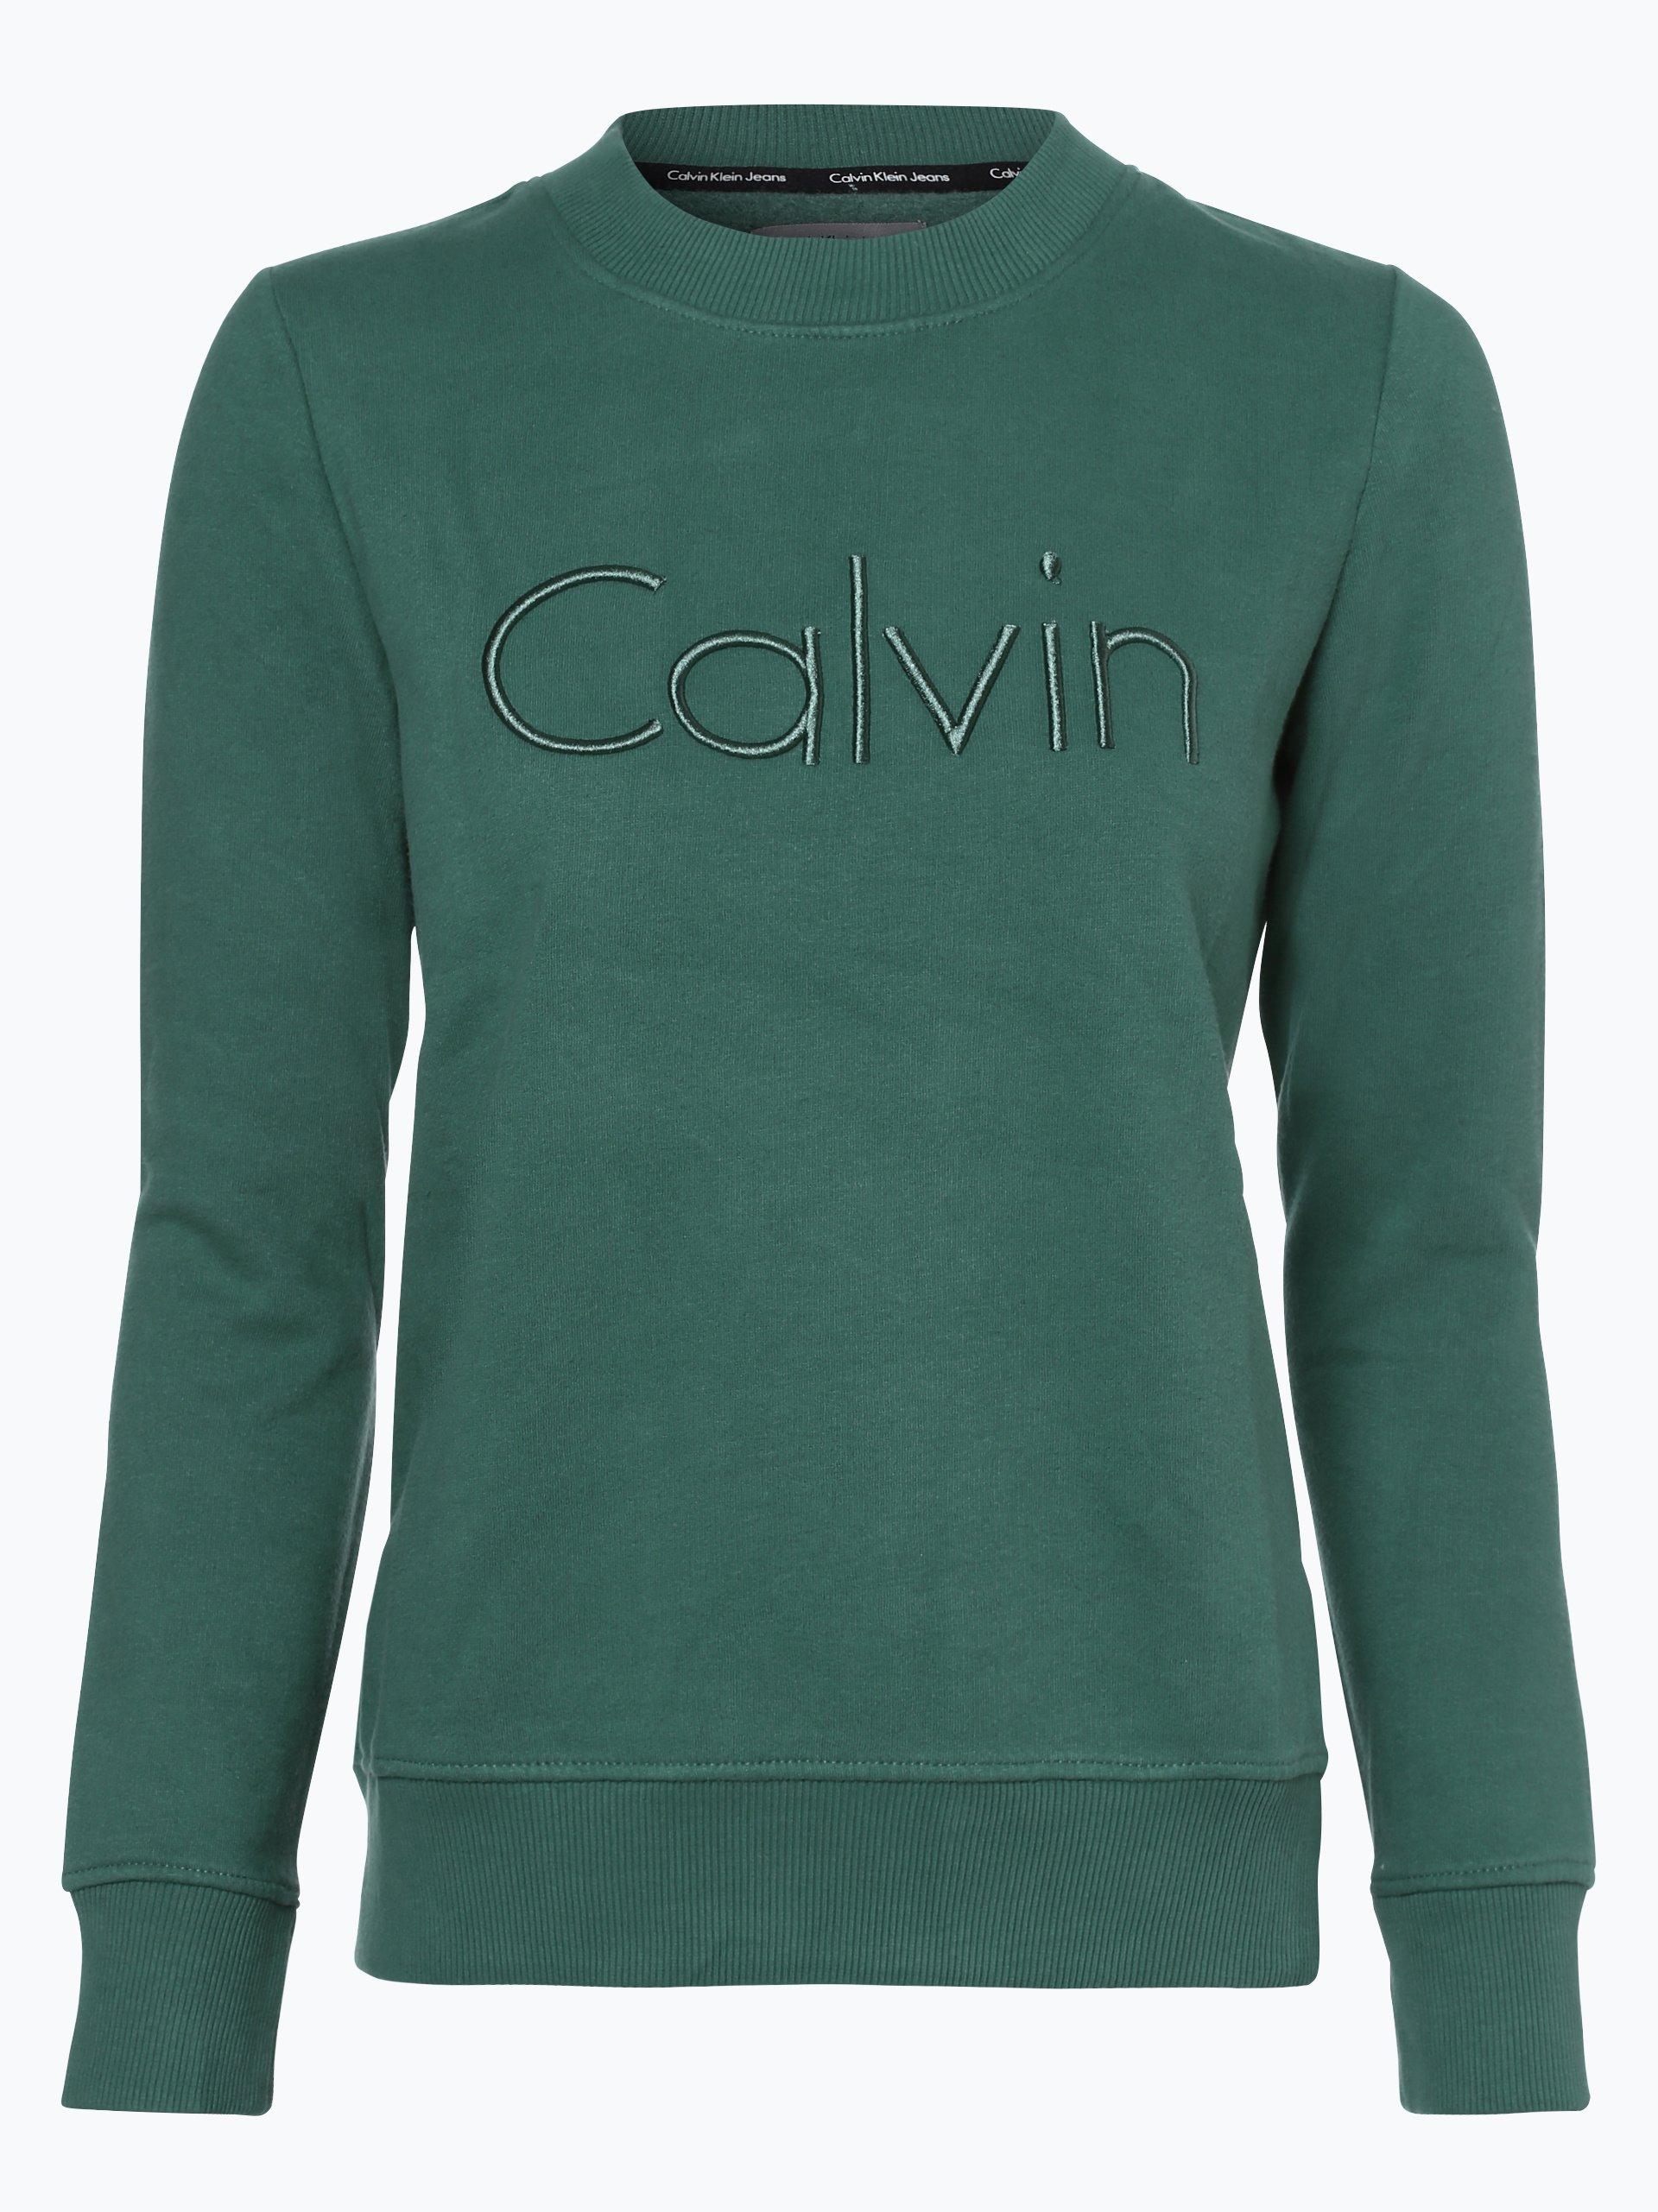 calvin klein jeans damen sweatshirt 2 online kaufen peek und cloppenburg de. Black Bedroom Furniture Sets. Home Design Ideas